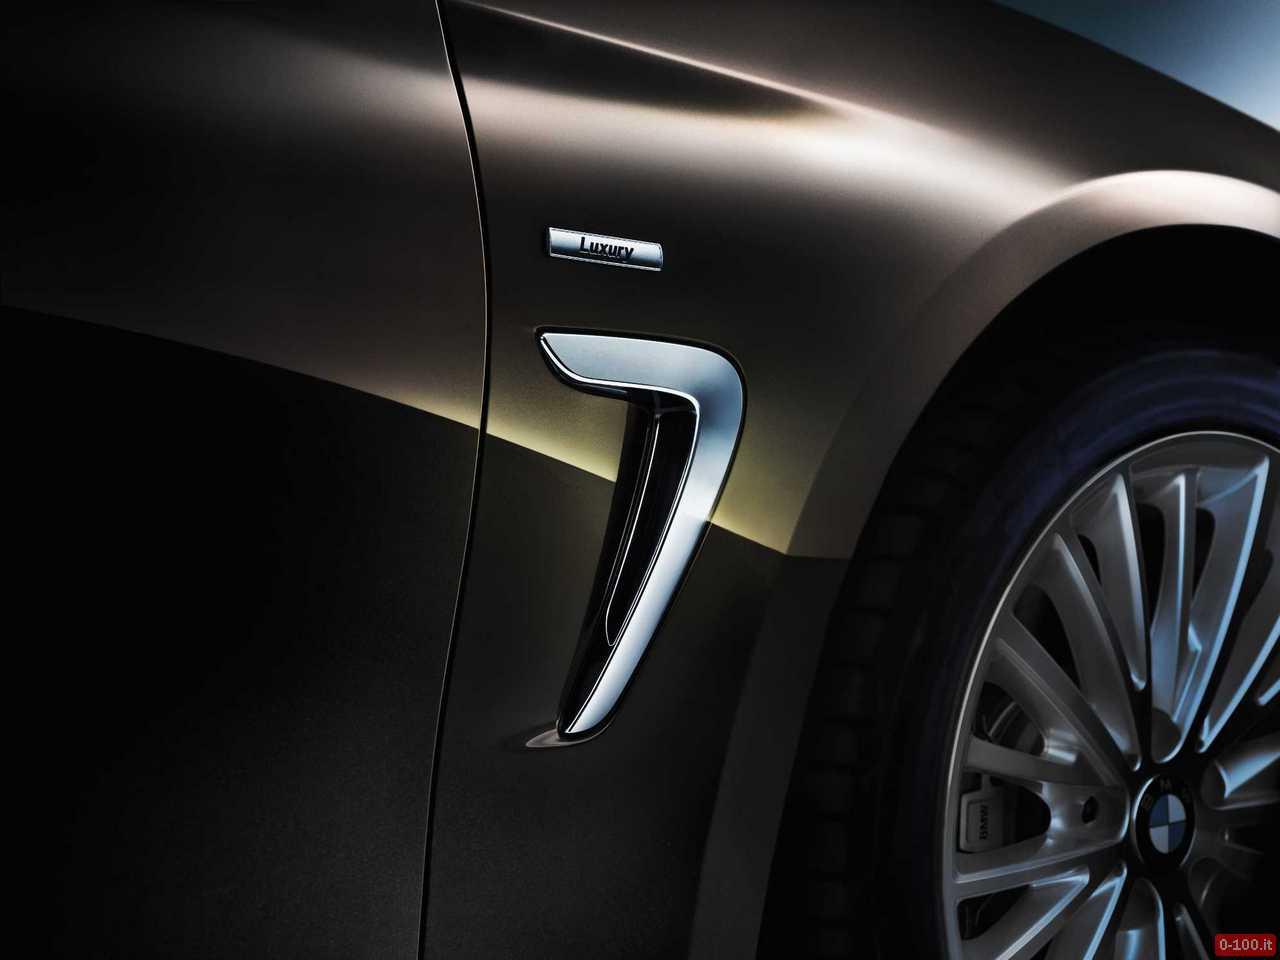 bmw-serie-4-gran-coupe-prezzo-price-ginevra-geneve-2014-0-100_102